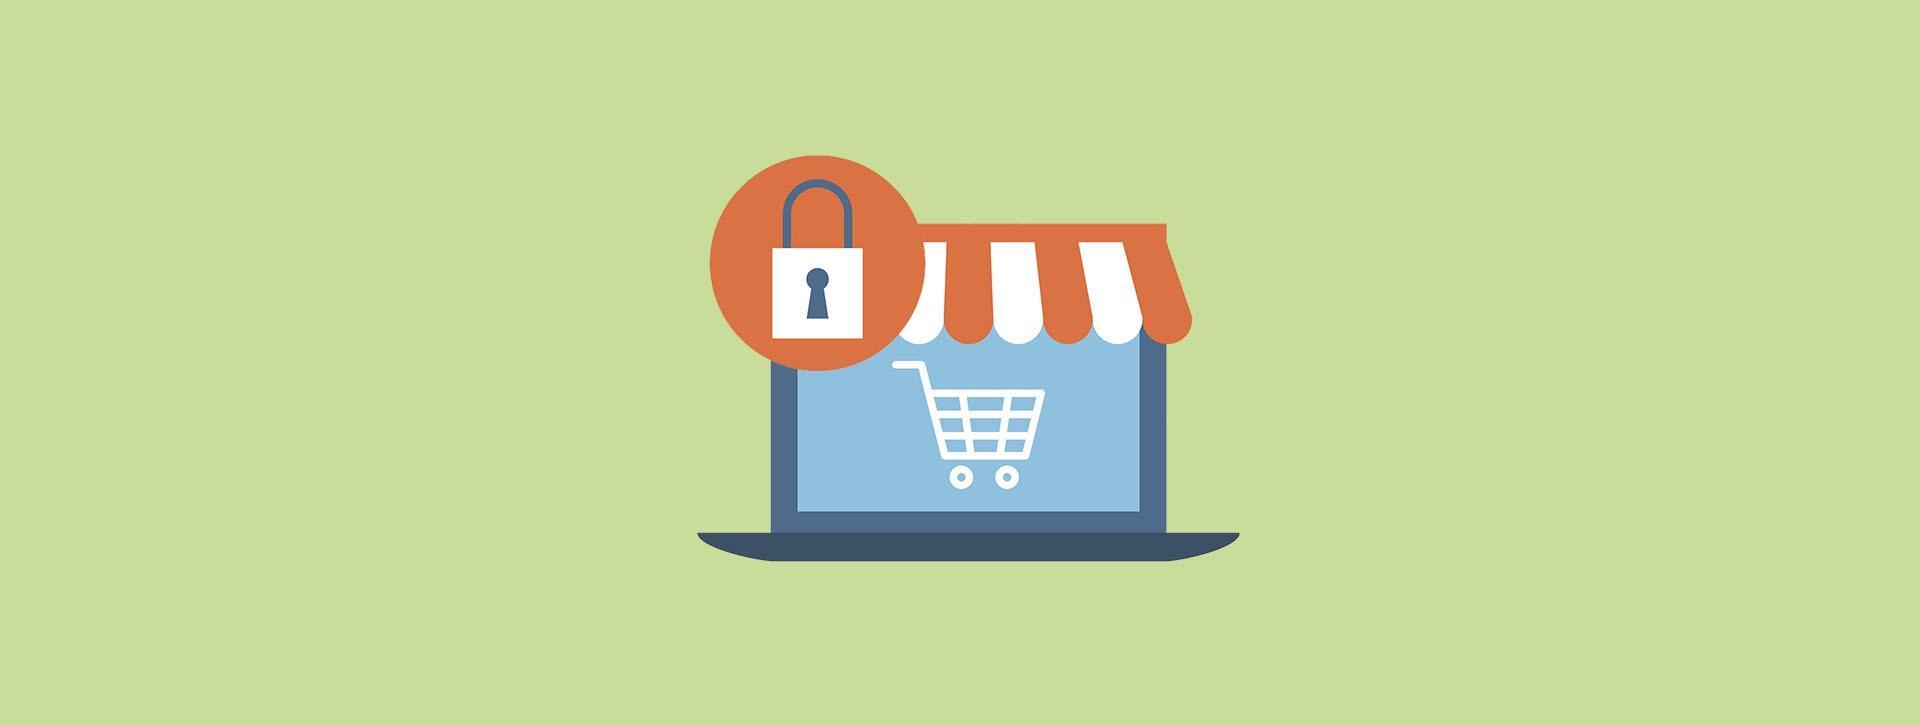 Métodos por los que nos roban al comprar por Internet